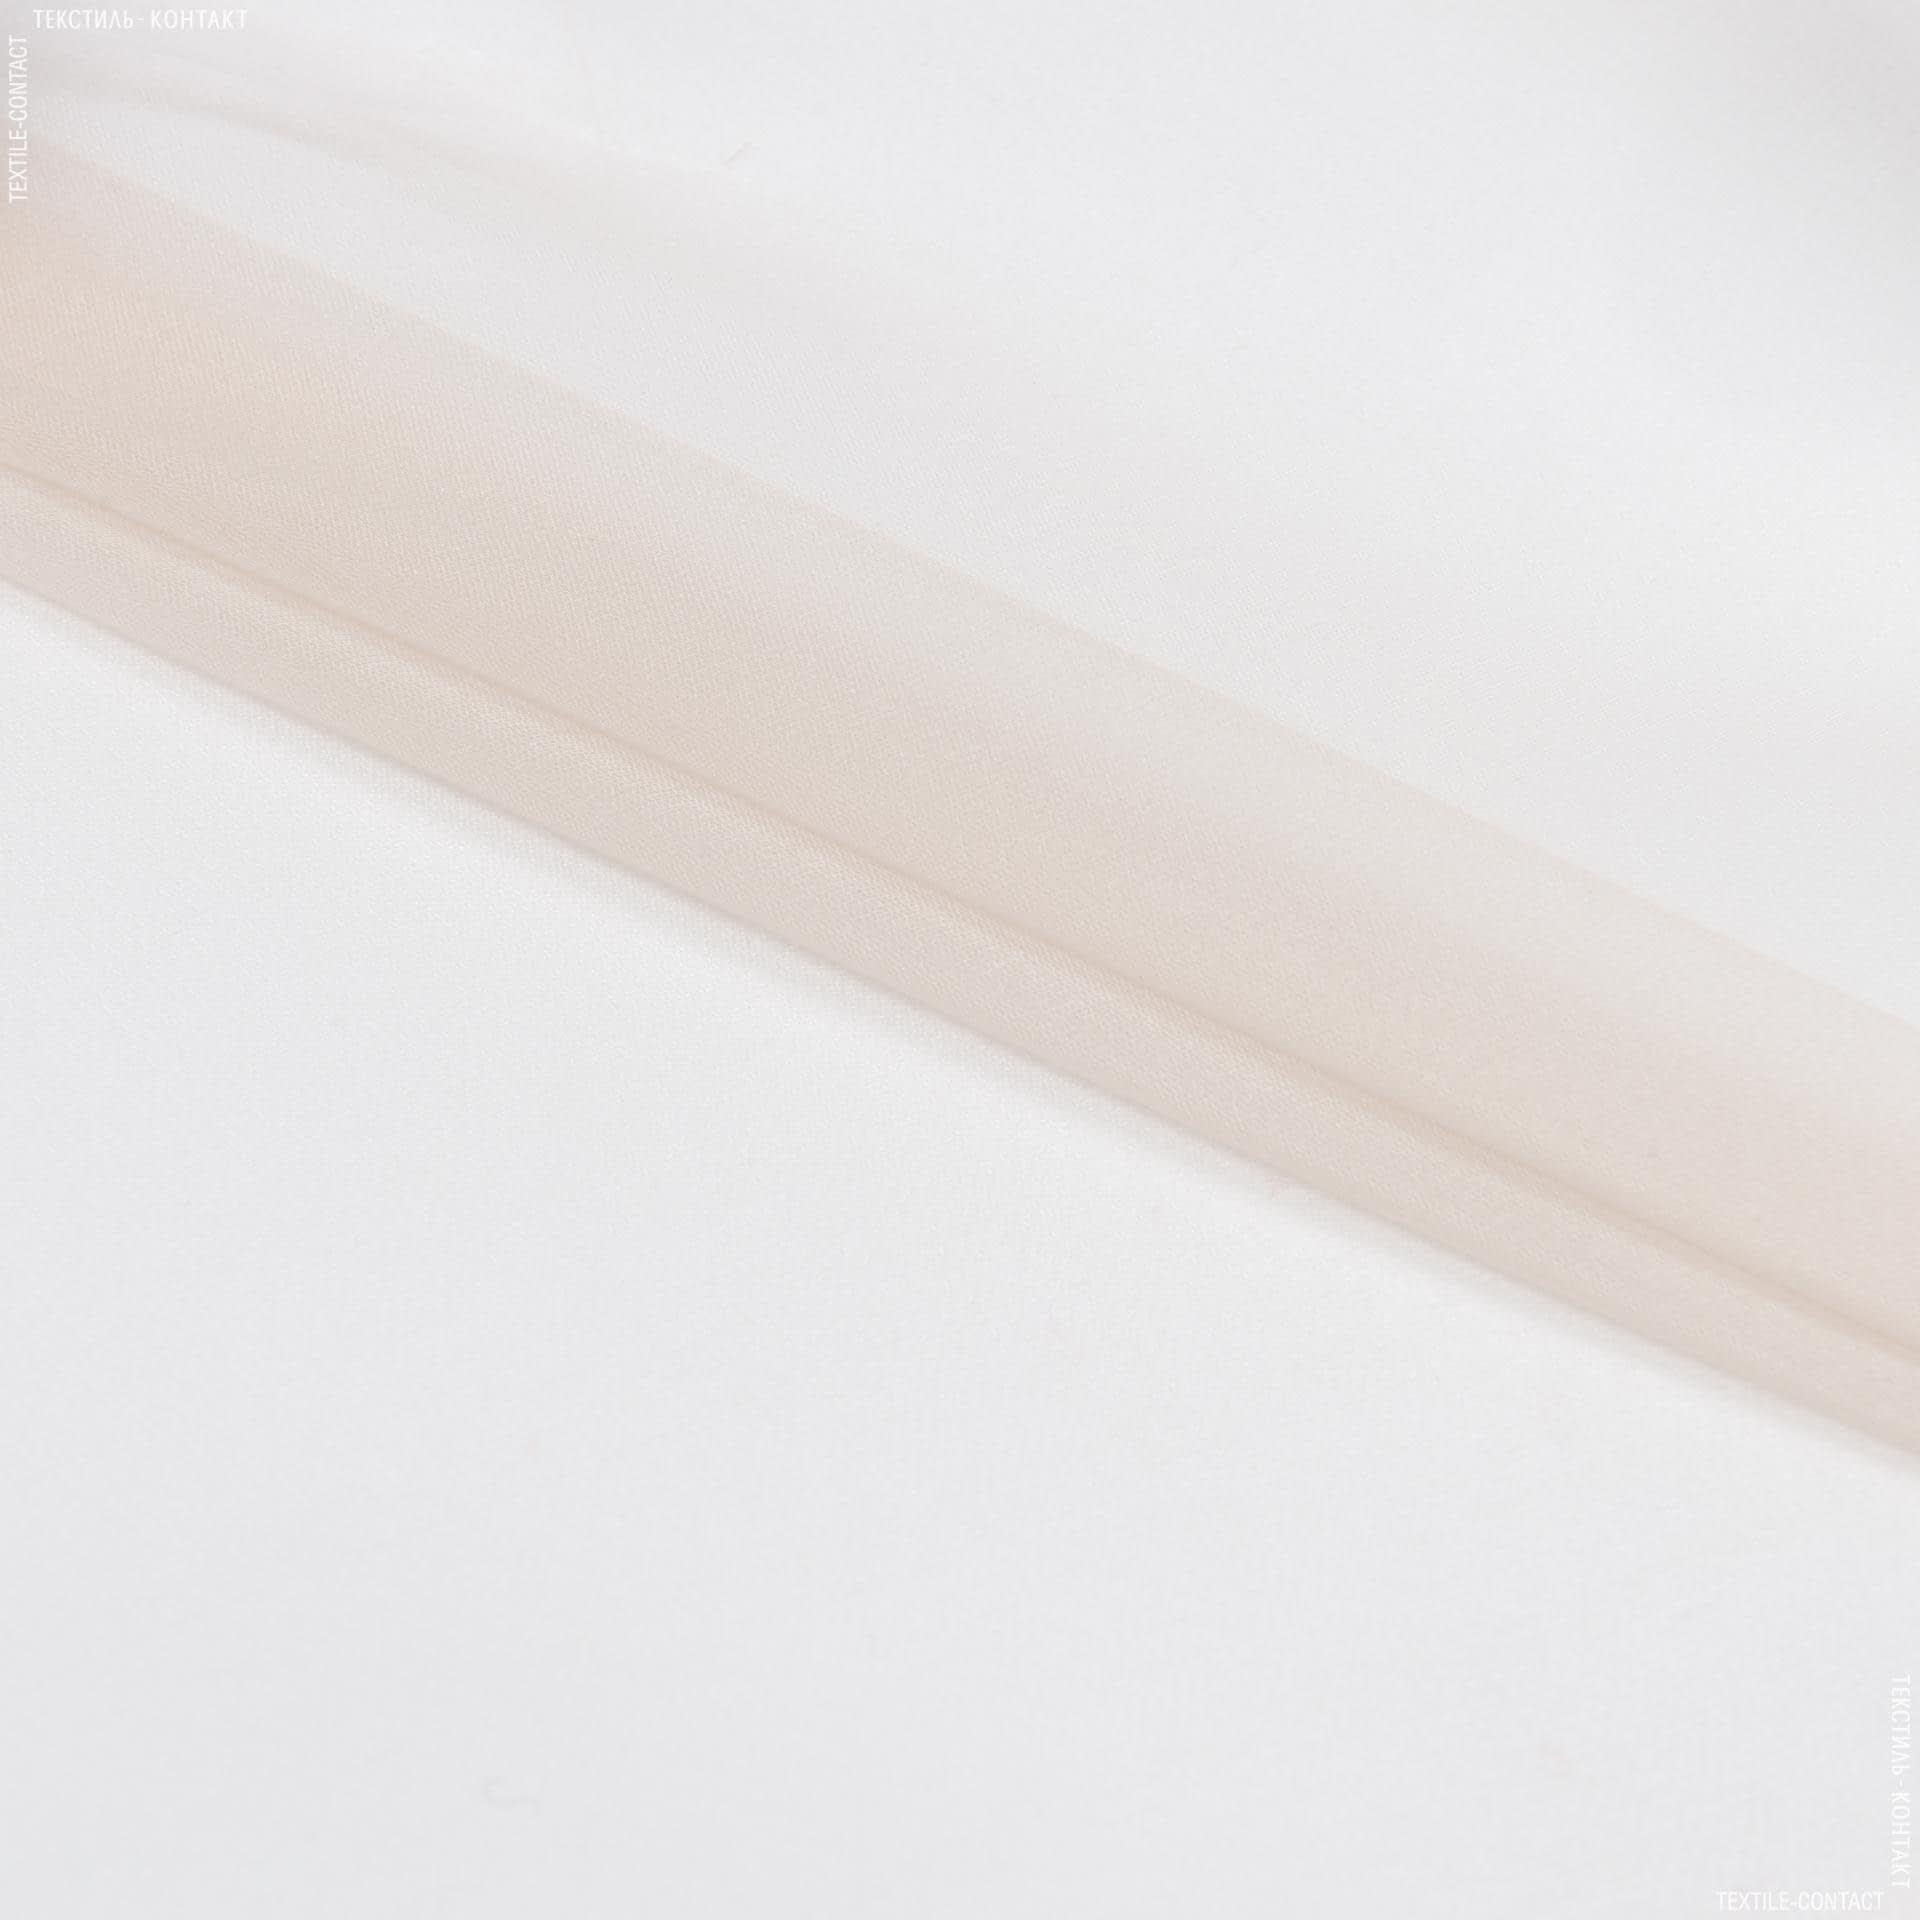 Тканини для суконь - Шовк-органза щільний світло-пісочний